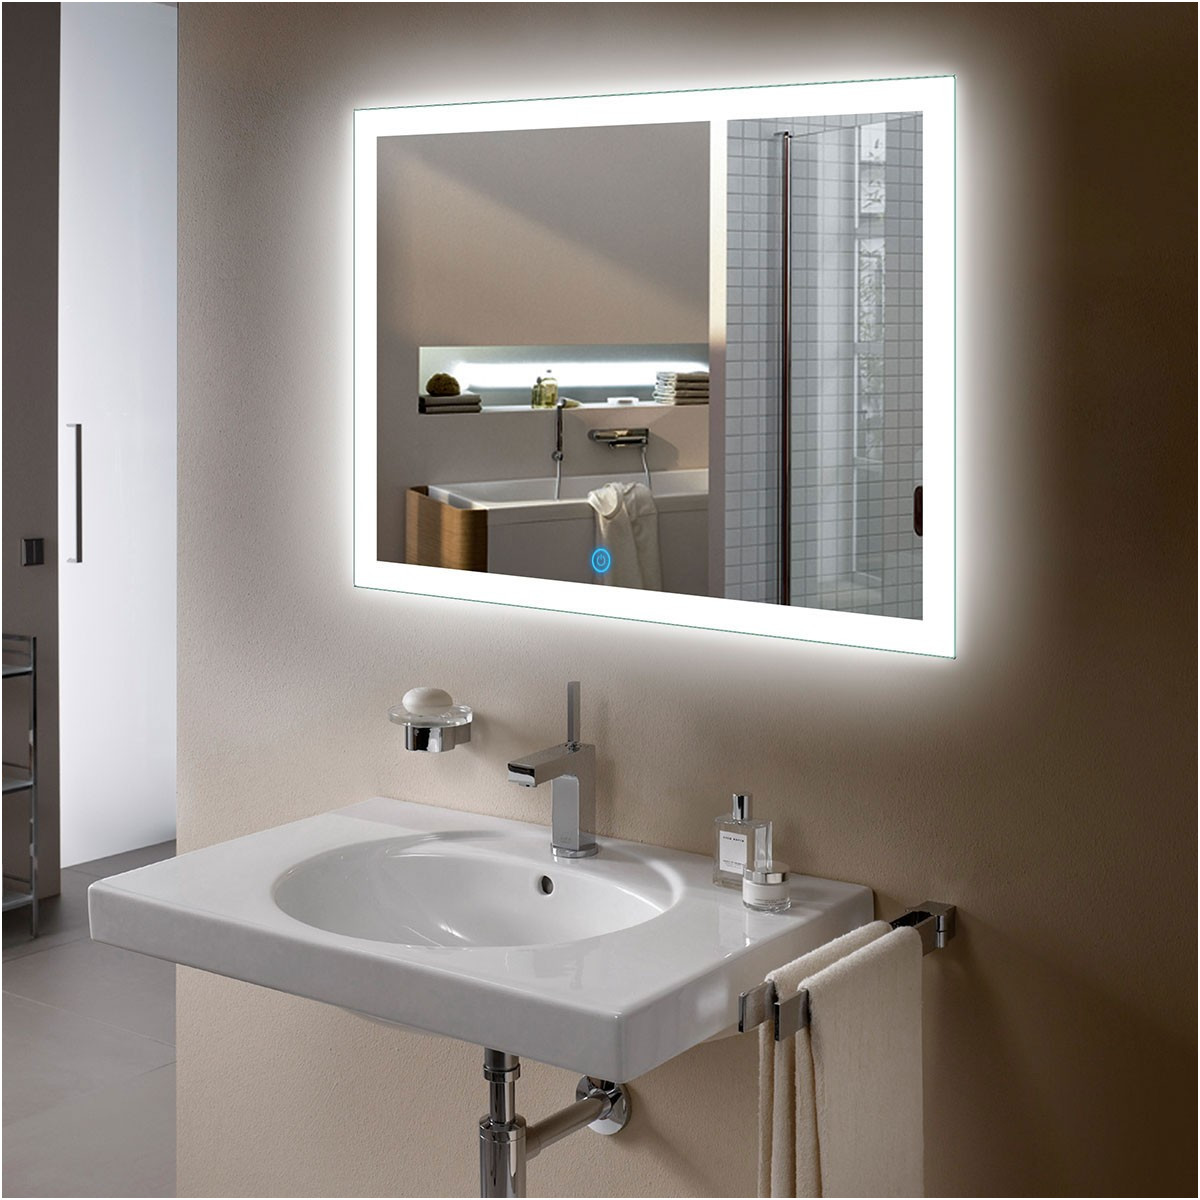 Unique Square Bathroom Mirror On Stand